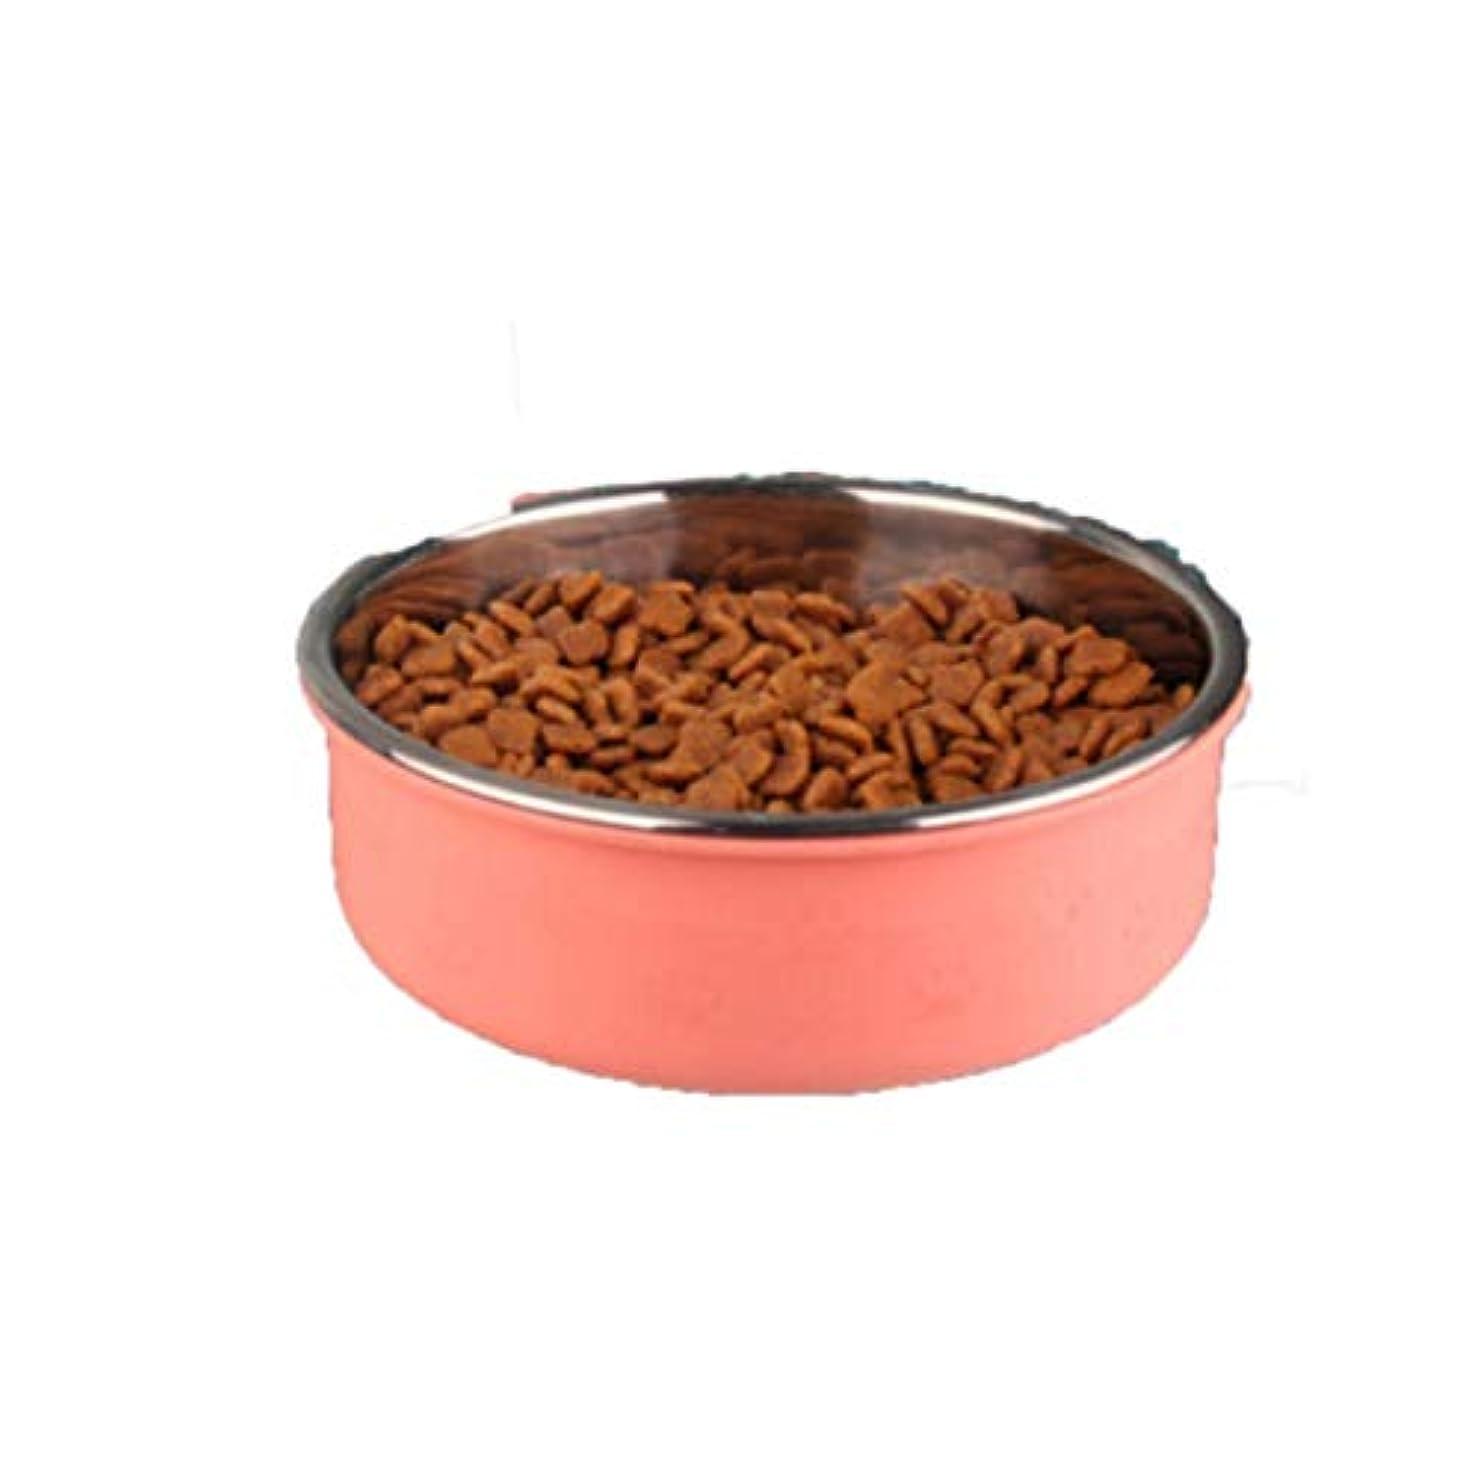 変成器カウンターパート責Xian ペットフードボウル、ハンギングステンレス犬ボウル、犬用品、固定猫用ポット、猫用ボウル、犬用ケージ飲料用鉢、犬用ポット Easy to Clean Non-Skid Bowls for Dogs (Color : Pink, Size : L)